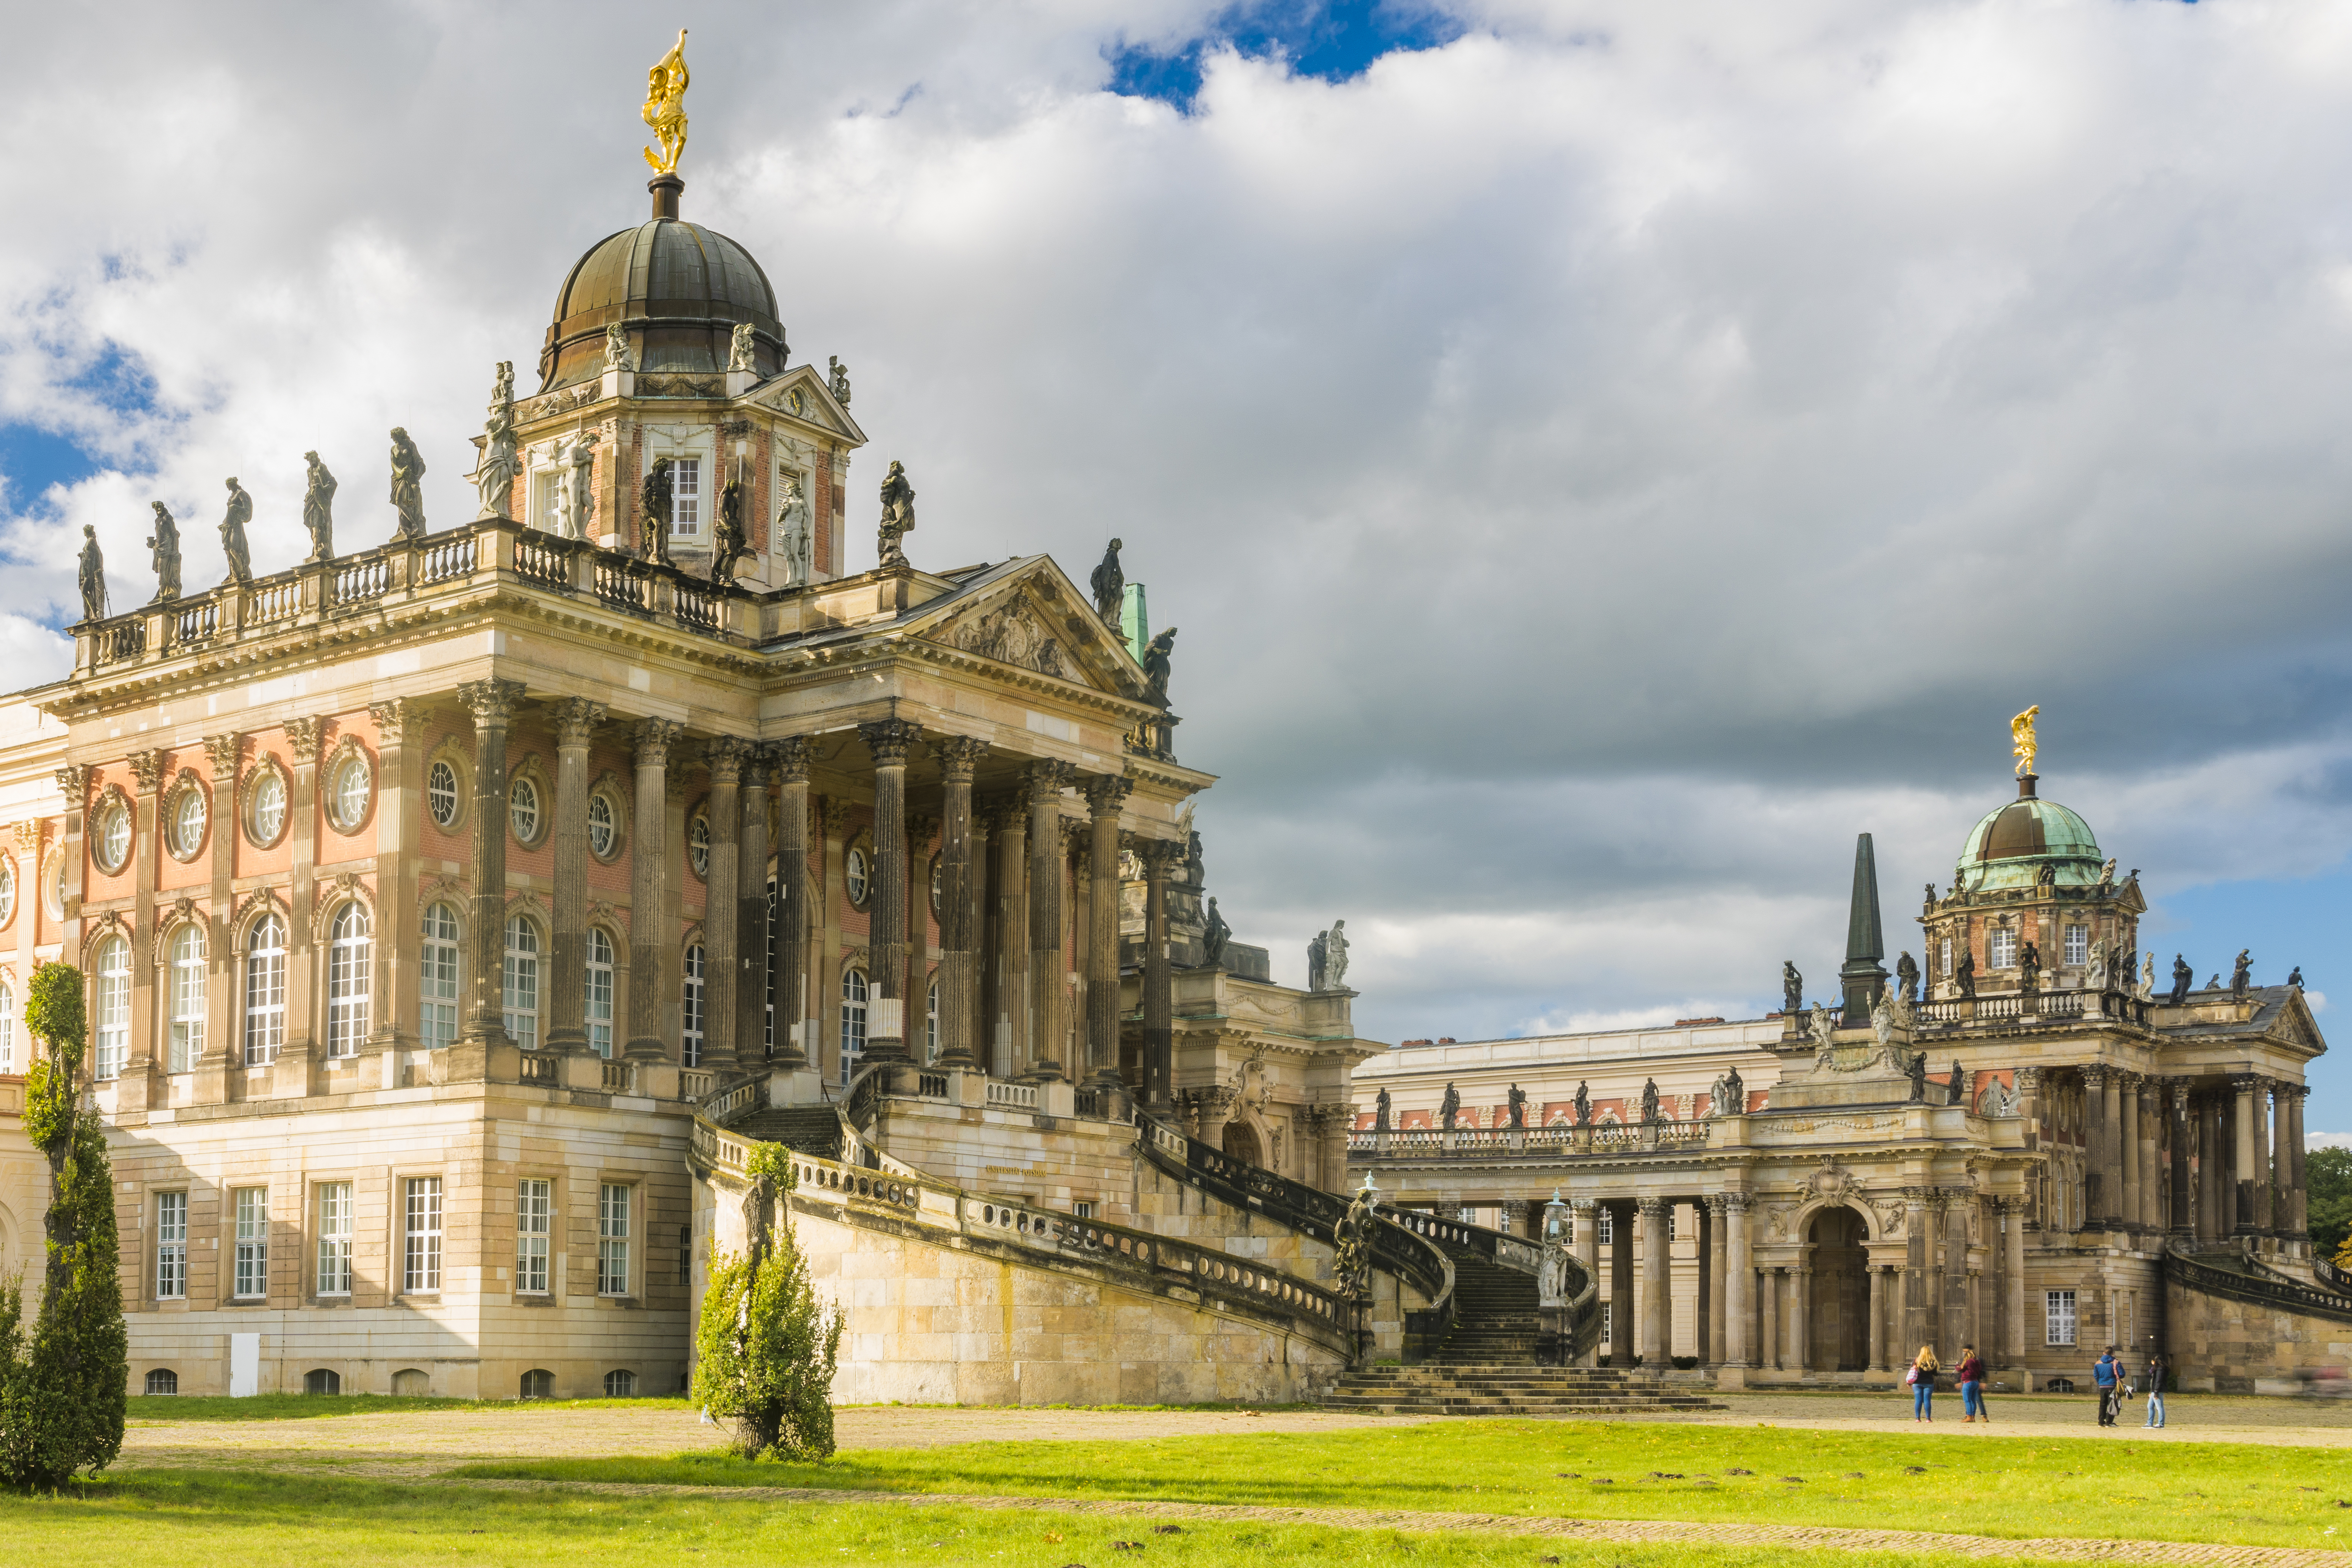 Потсдамский университет в Германии, где могут бесплатно получать высшее образование иностранцы